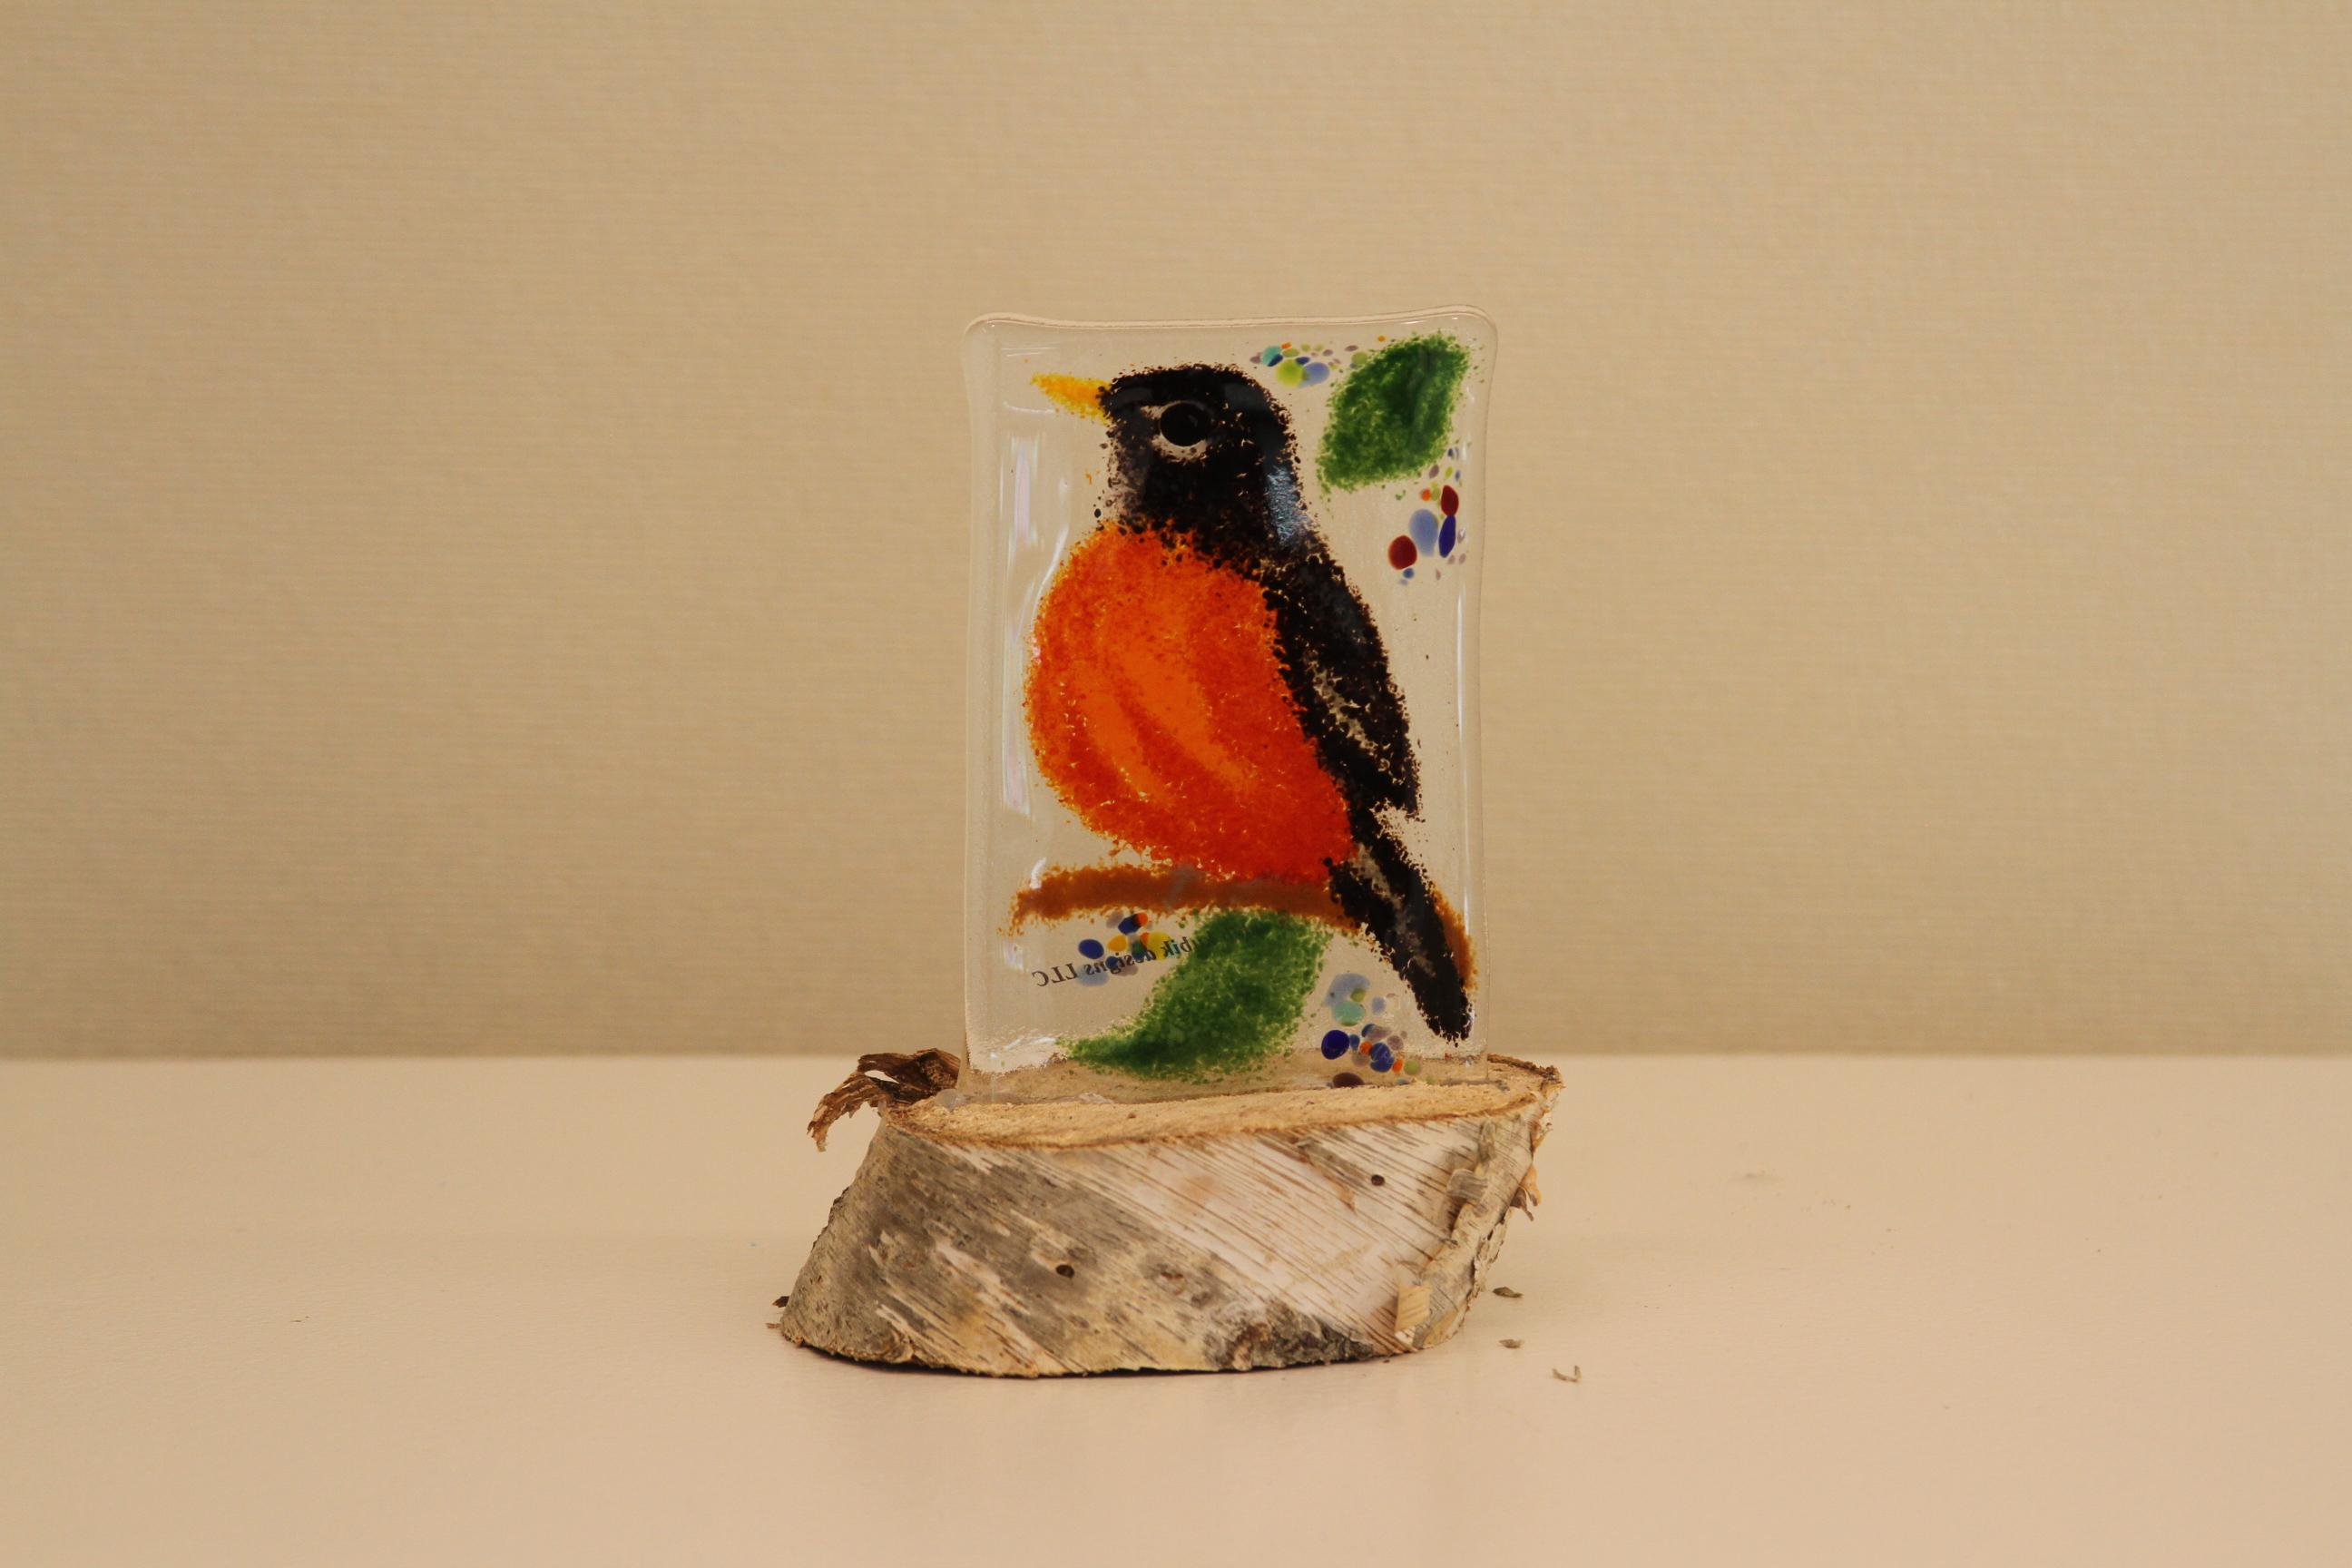 Robin - Birds on Stumps